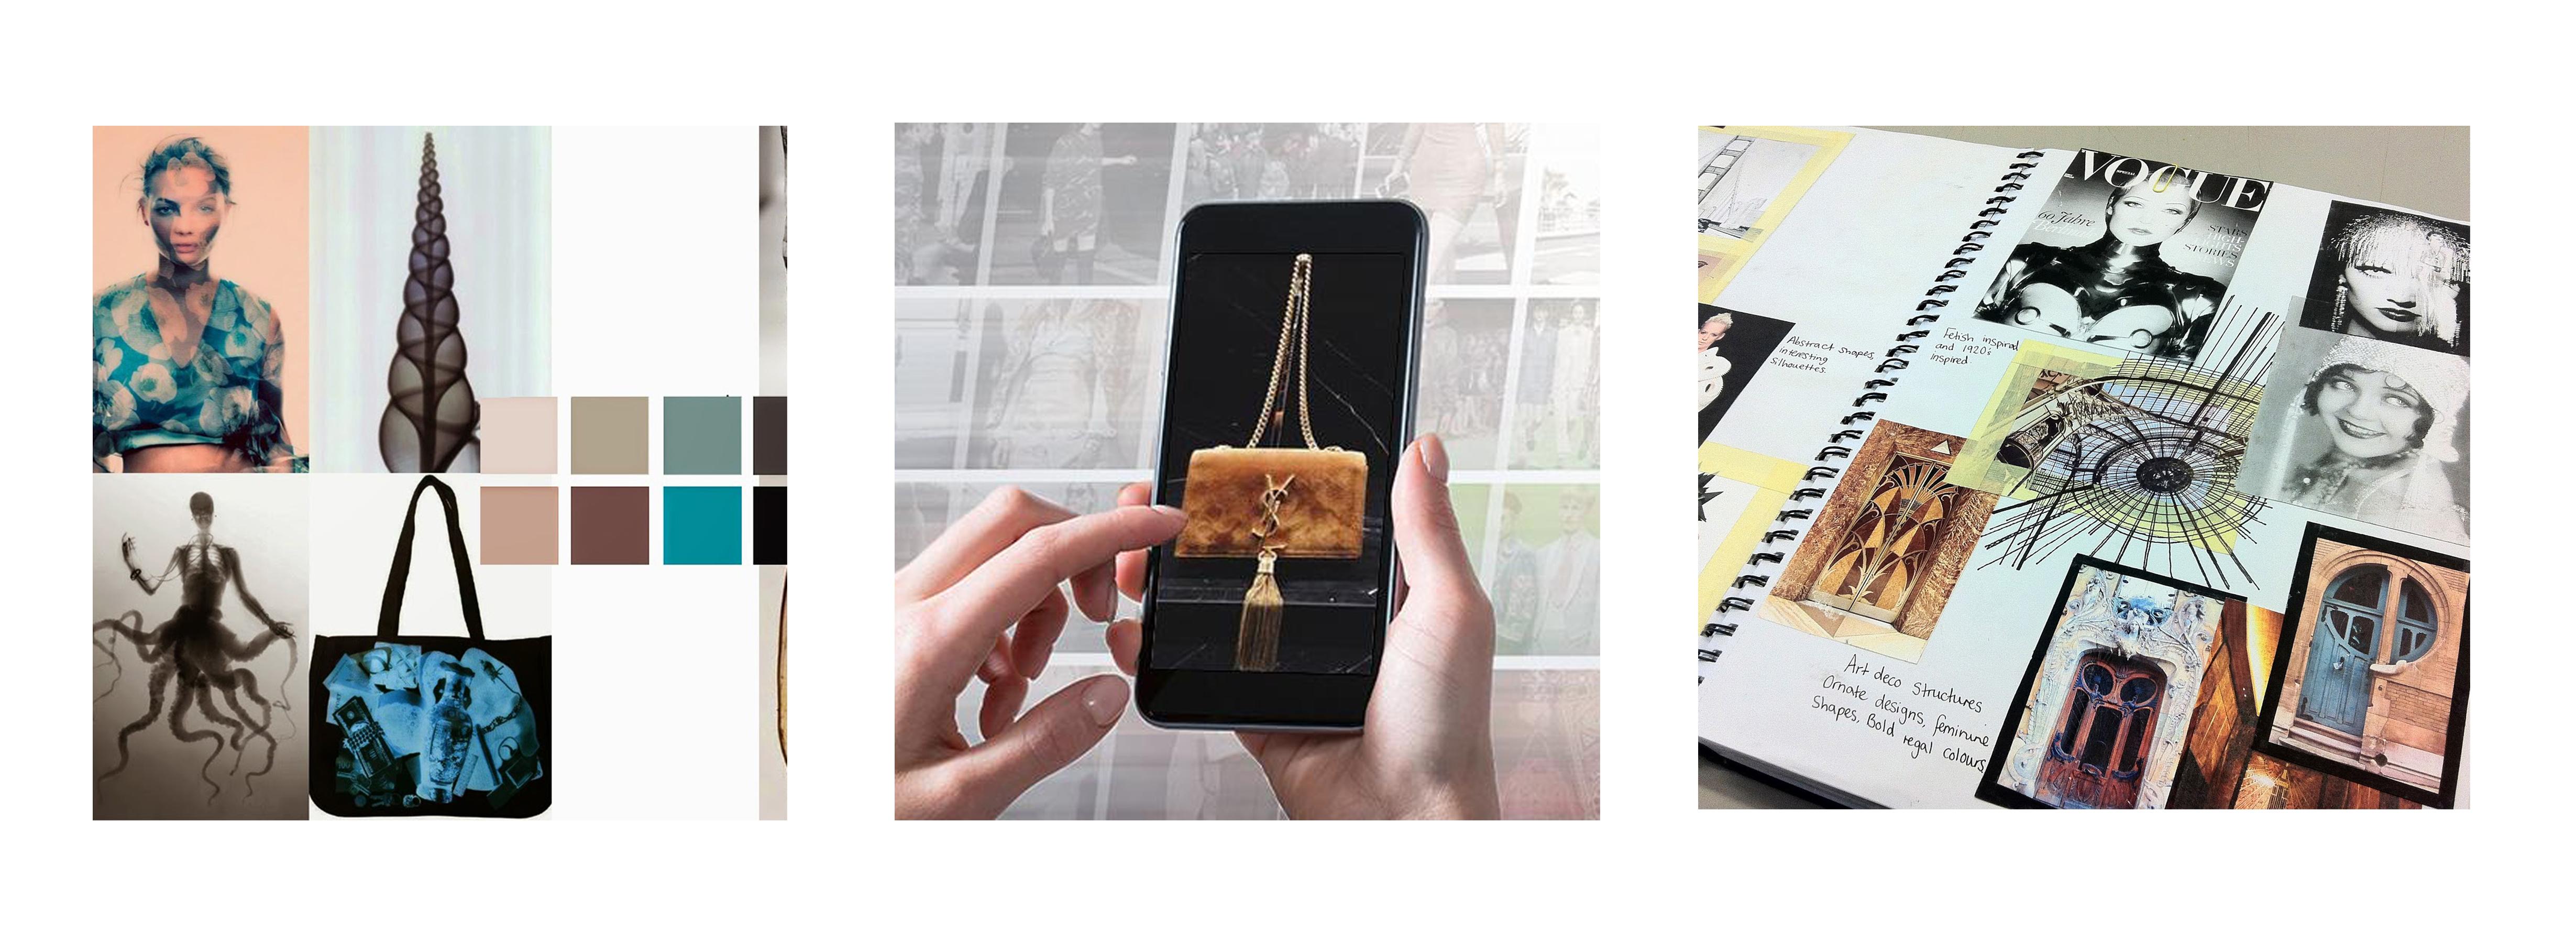 e1589c022 Goulstef POA promove workshops de Moda | Gabi Henemann